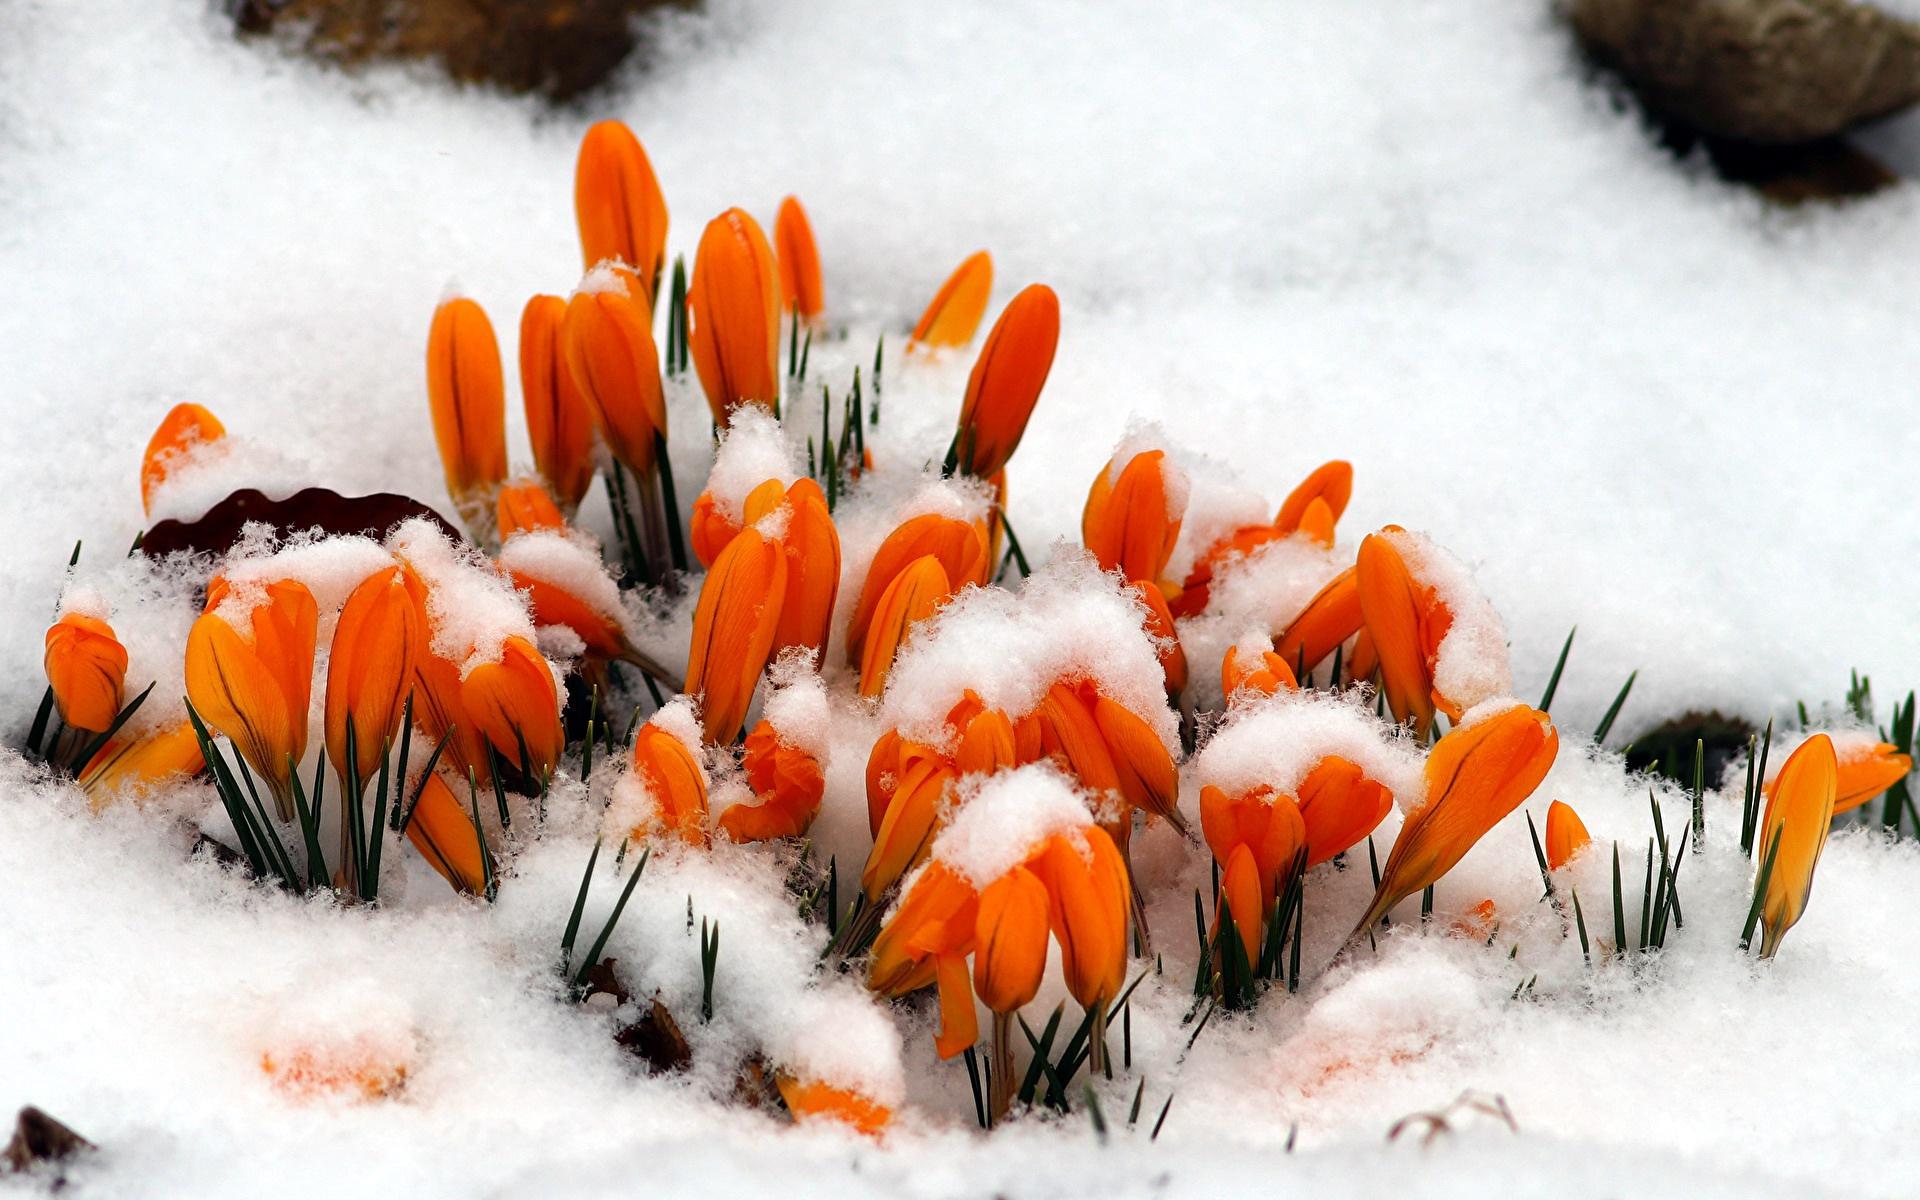 картинки на весь экран цветы под снегом сказала